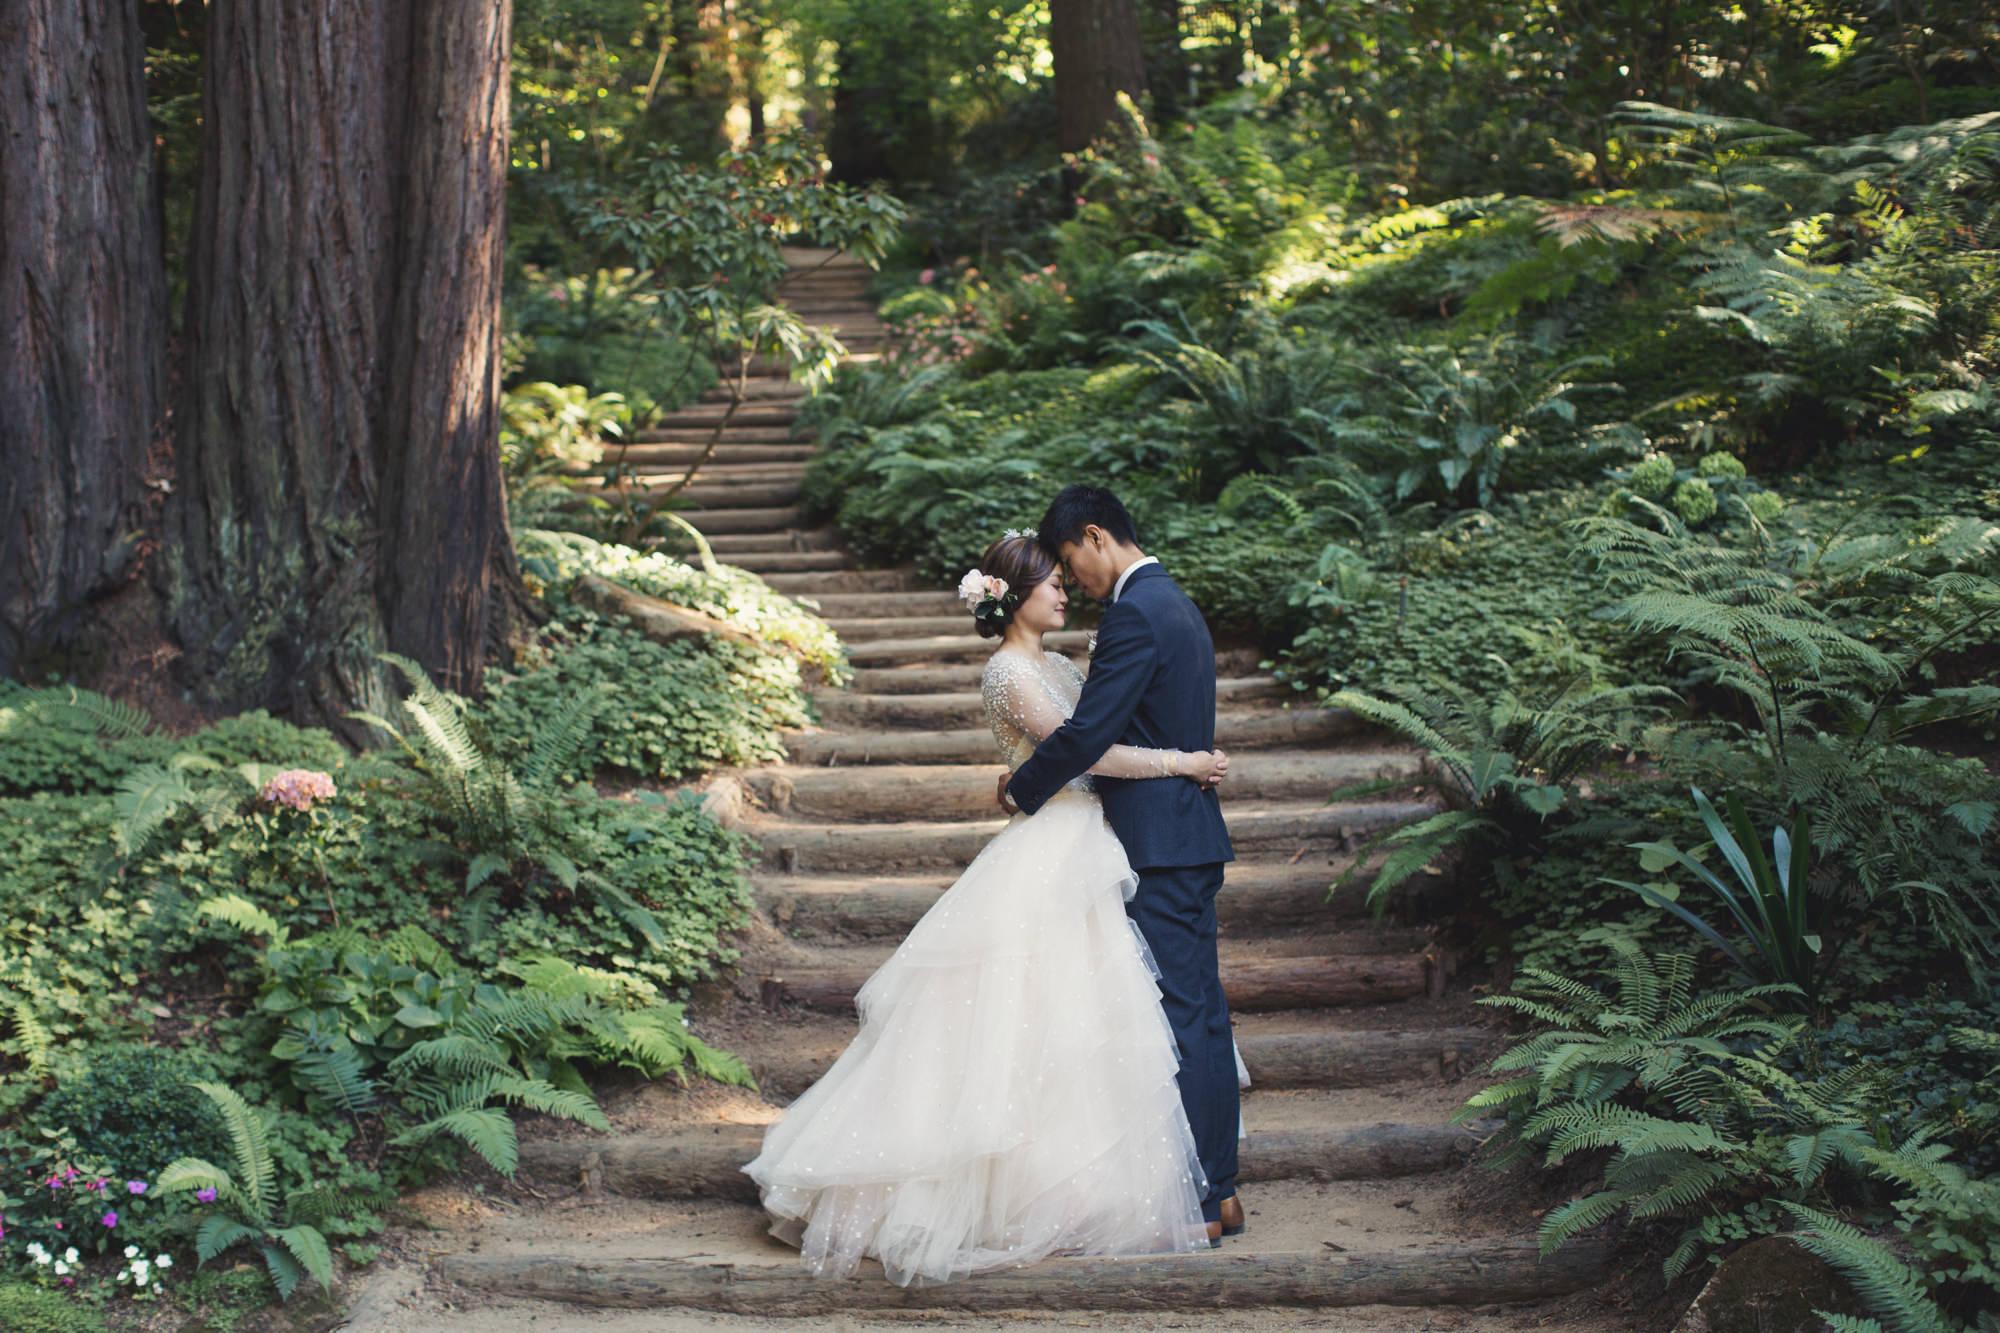 Fairytale Wedding in Nestldown ©Anne-Claire Brun 0032